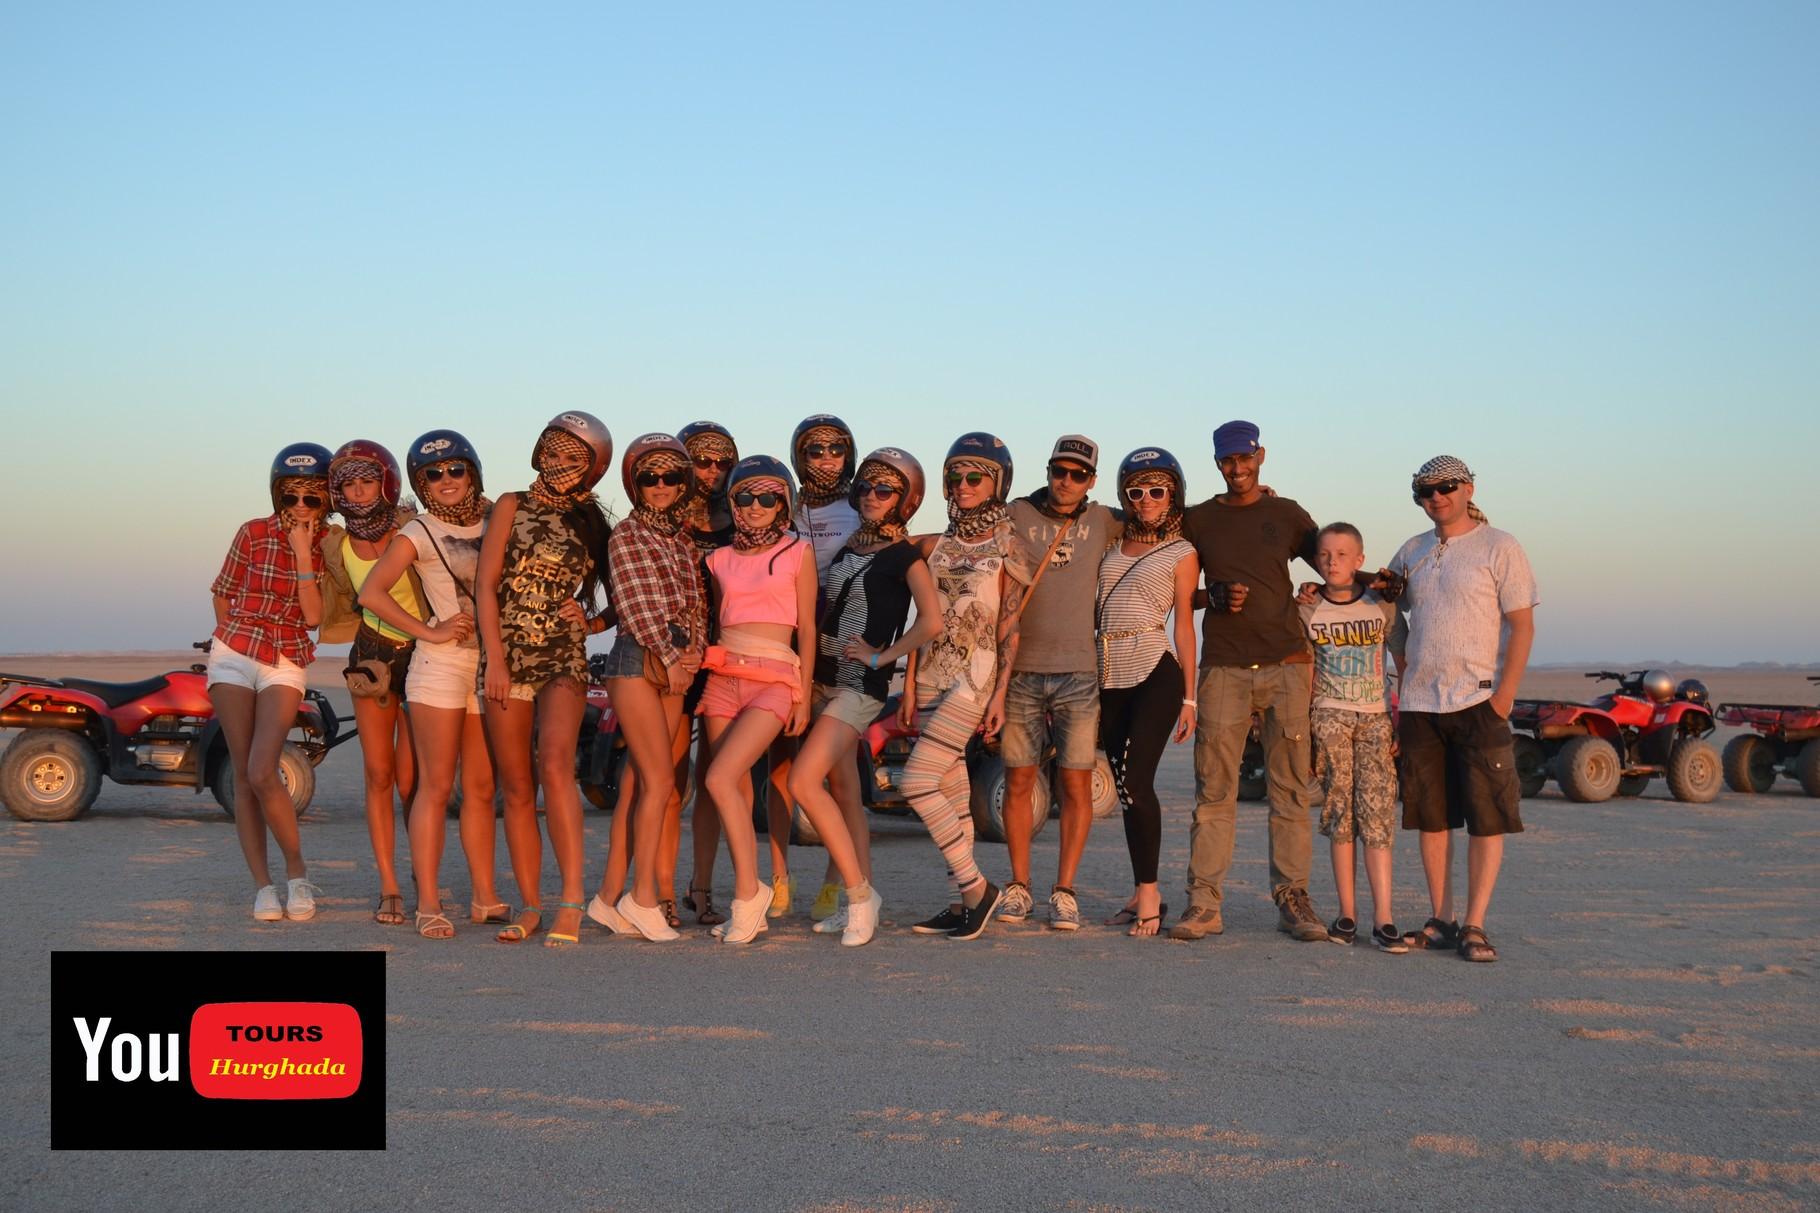 Gruppen Fotos machen